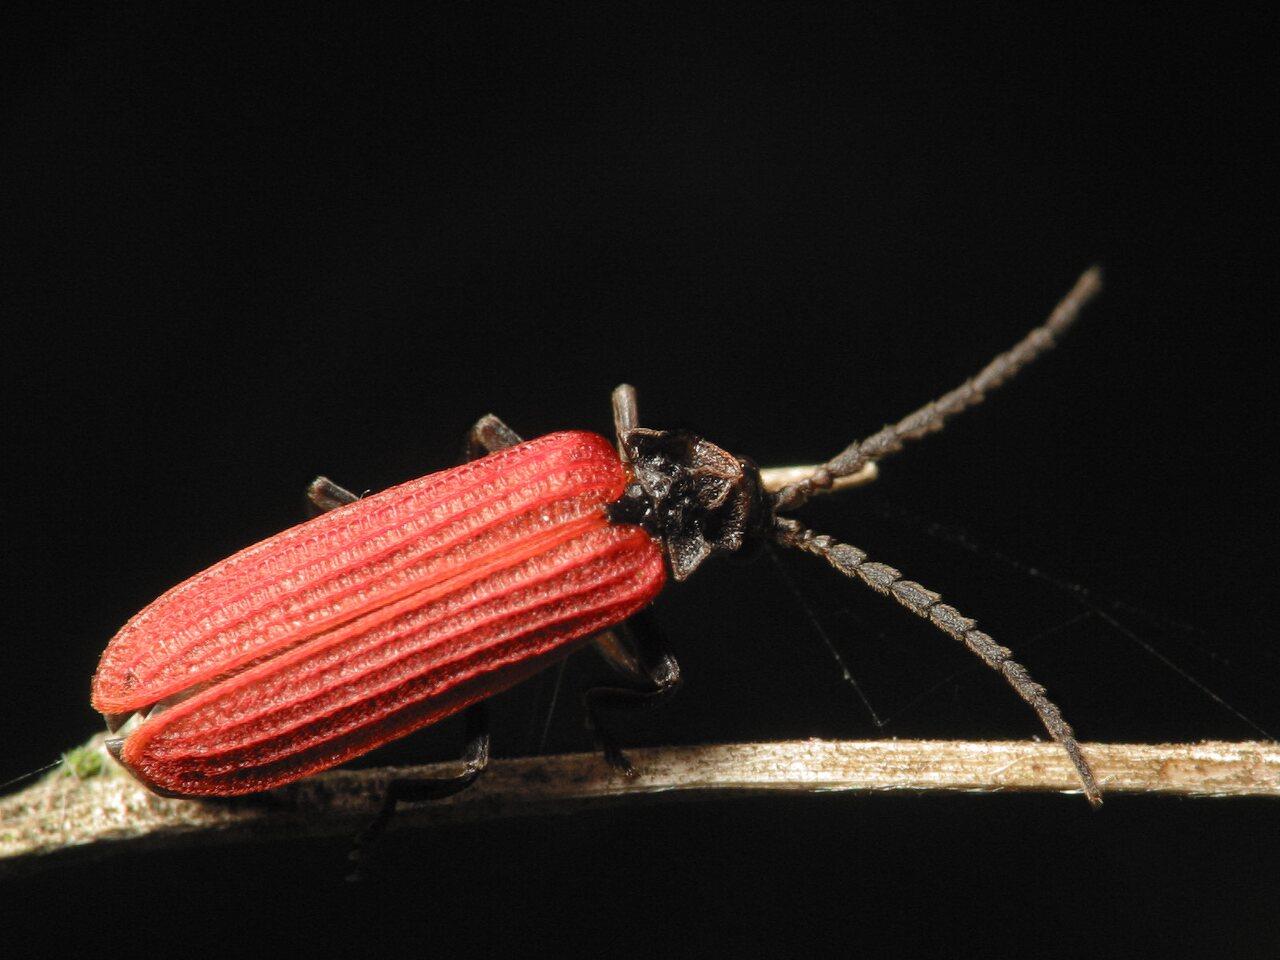 Pyropterus-nigroruber-3346.jpg